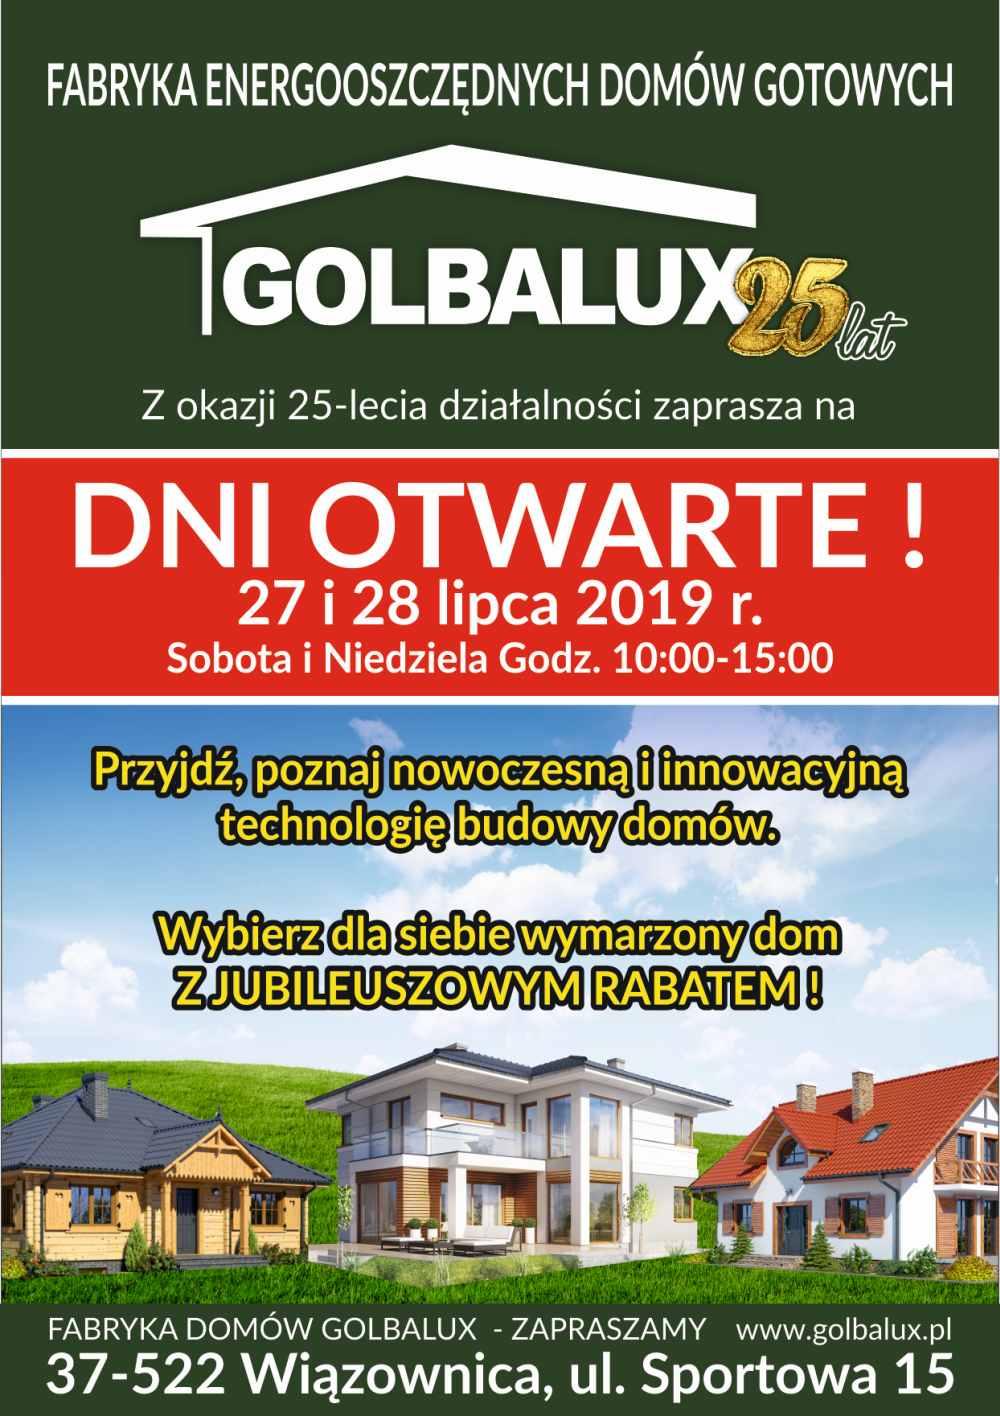 Zaproszenie dni otwarte Fabryka domów Golbalux